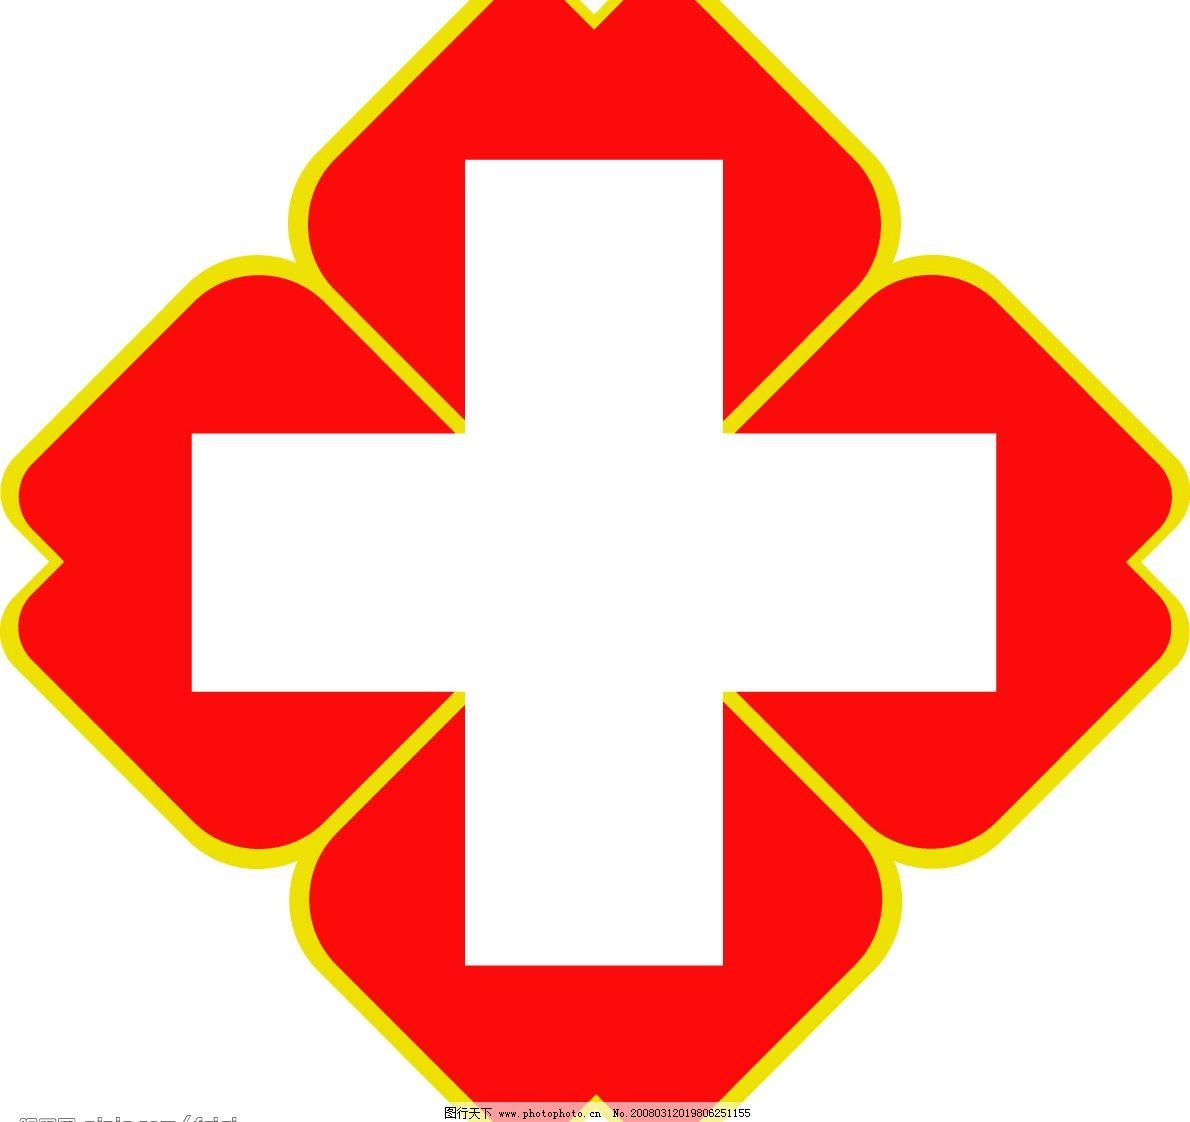 logo logo 标志 设计 矢量 矢量图 素材 图标 1190_1122